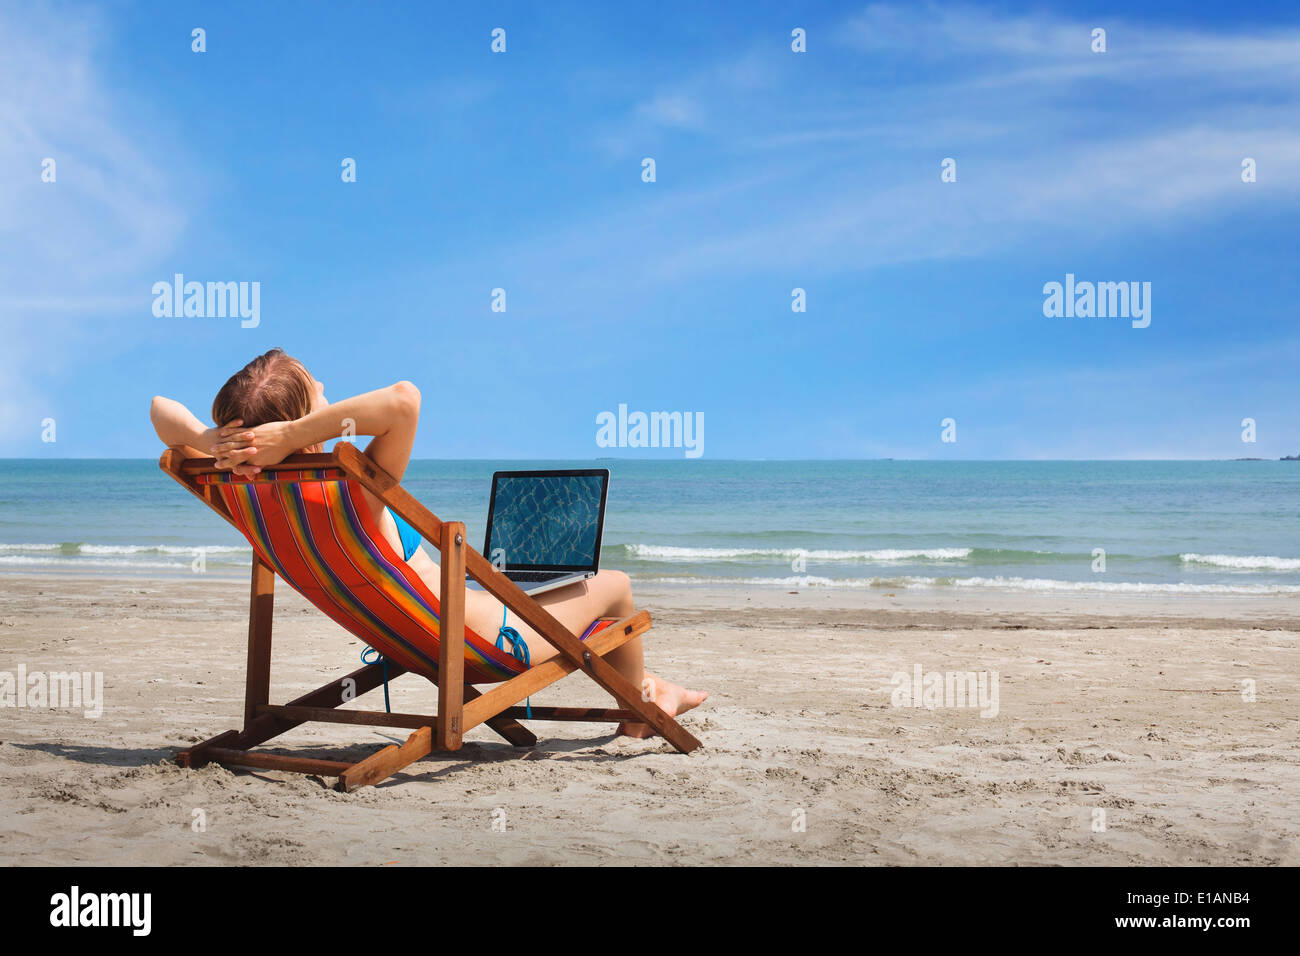 ab5b499f5489 glückliche Frau mit Laptop am Strand Stockfoto, Bild: 69692424 - Alamy